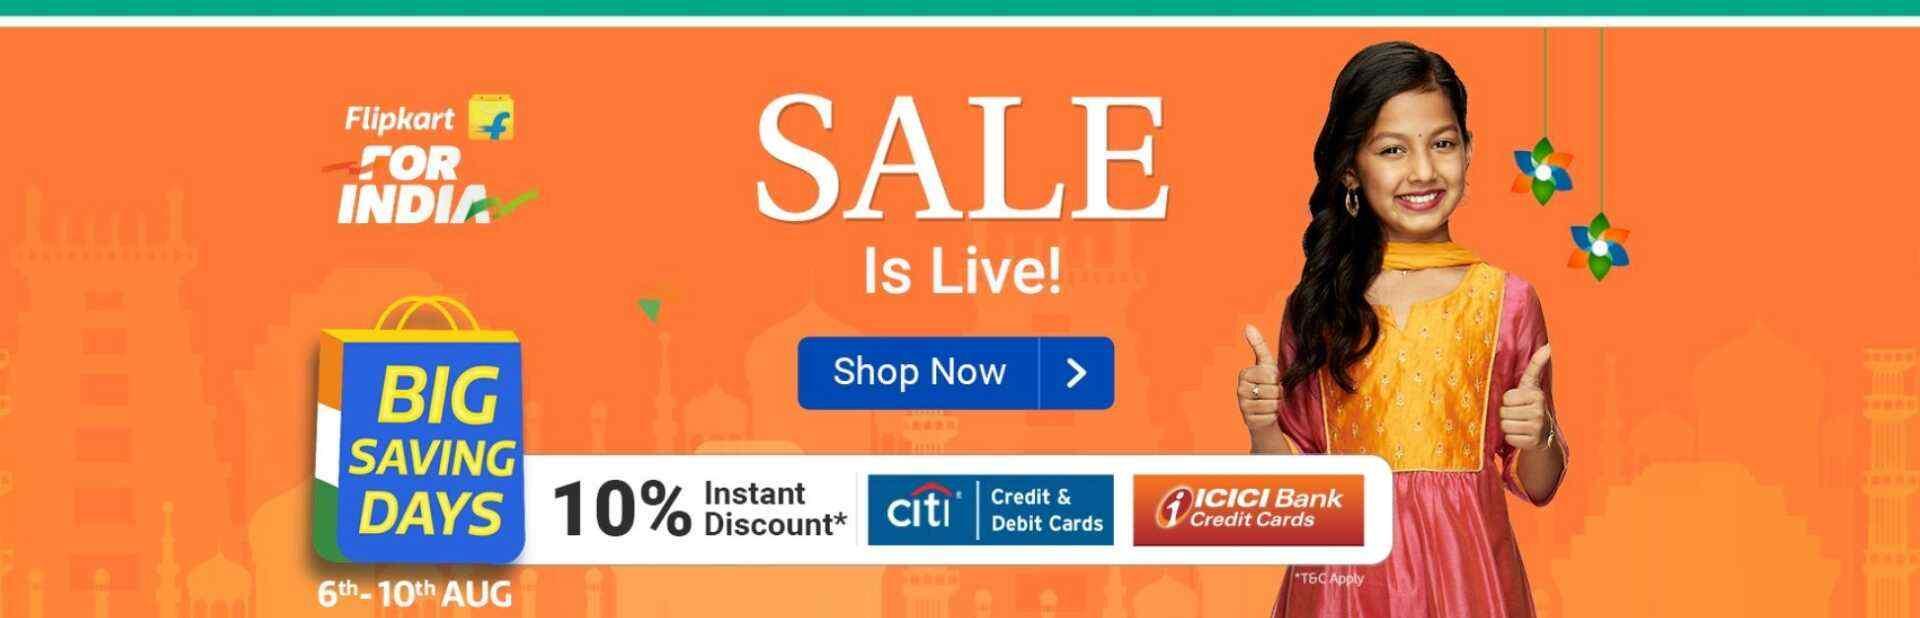 Flipkart Big Saving Days Sale 2020 Live-uppdateringar: bästa erbjudandena på tekniska och rabatterade erbjudanden